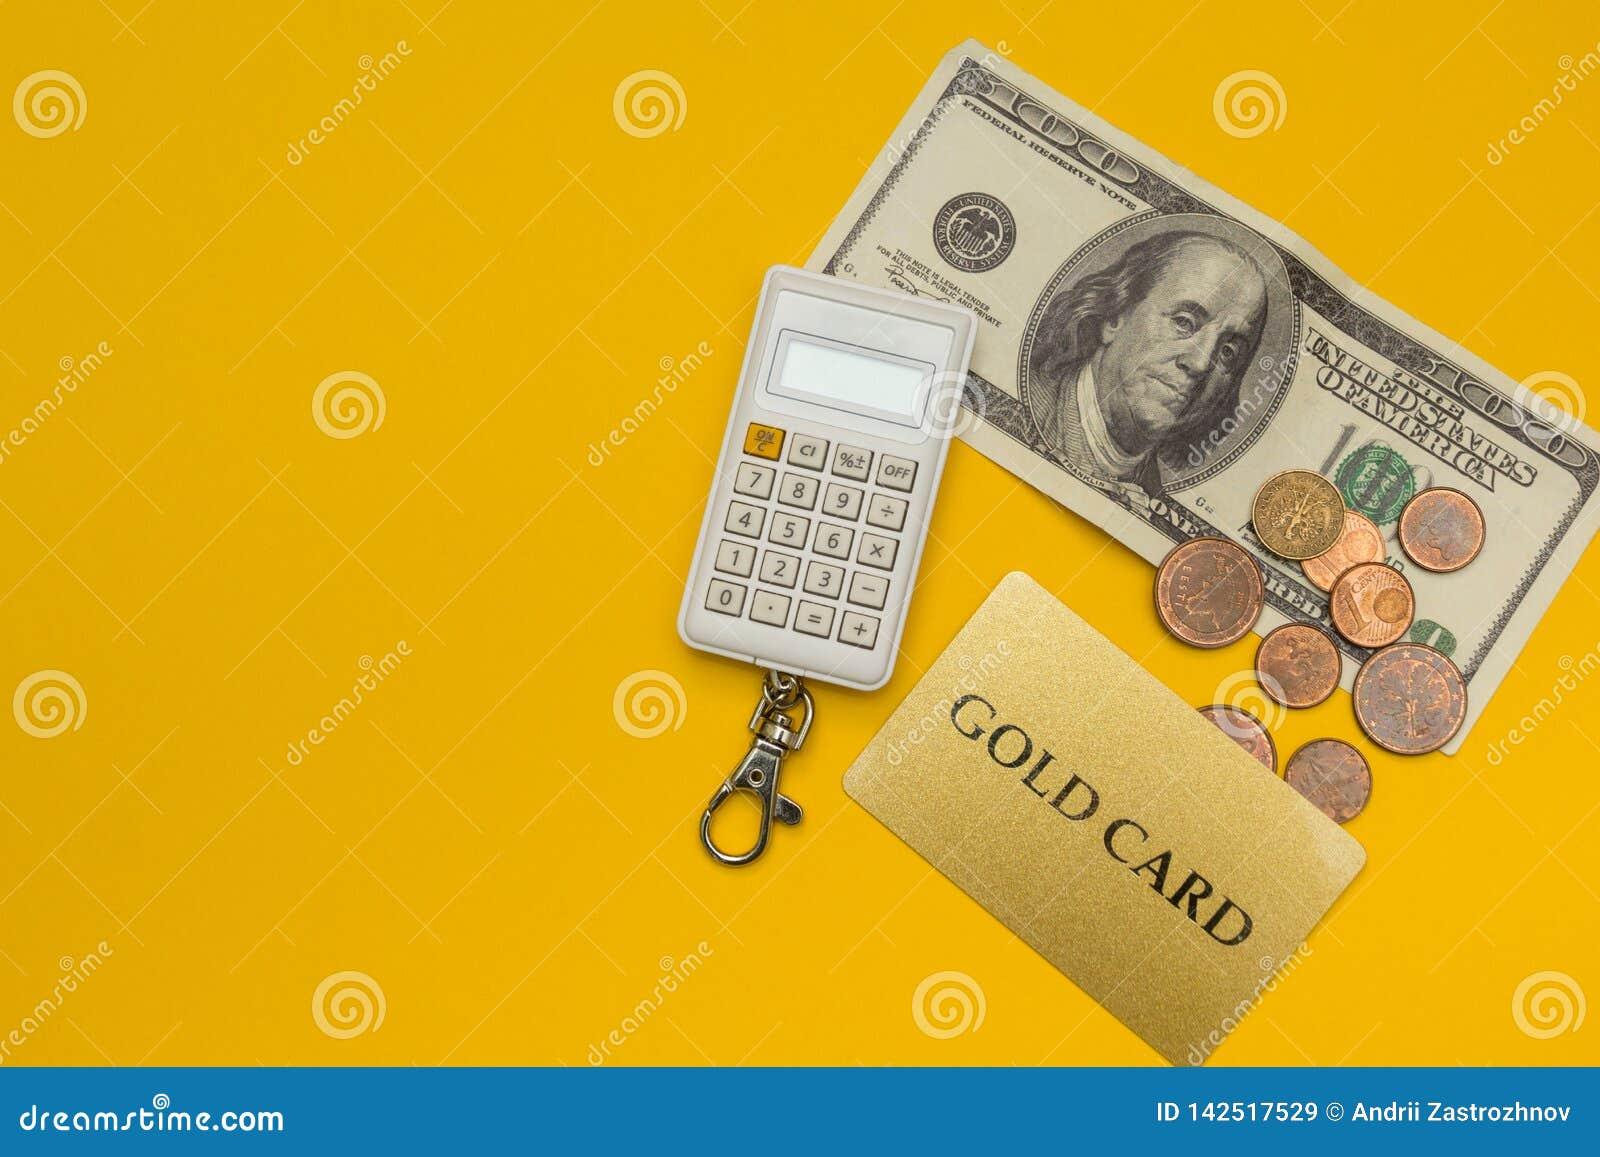 Karta kredytowa, kalkulator i dolary na żółtym tle,